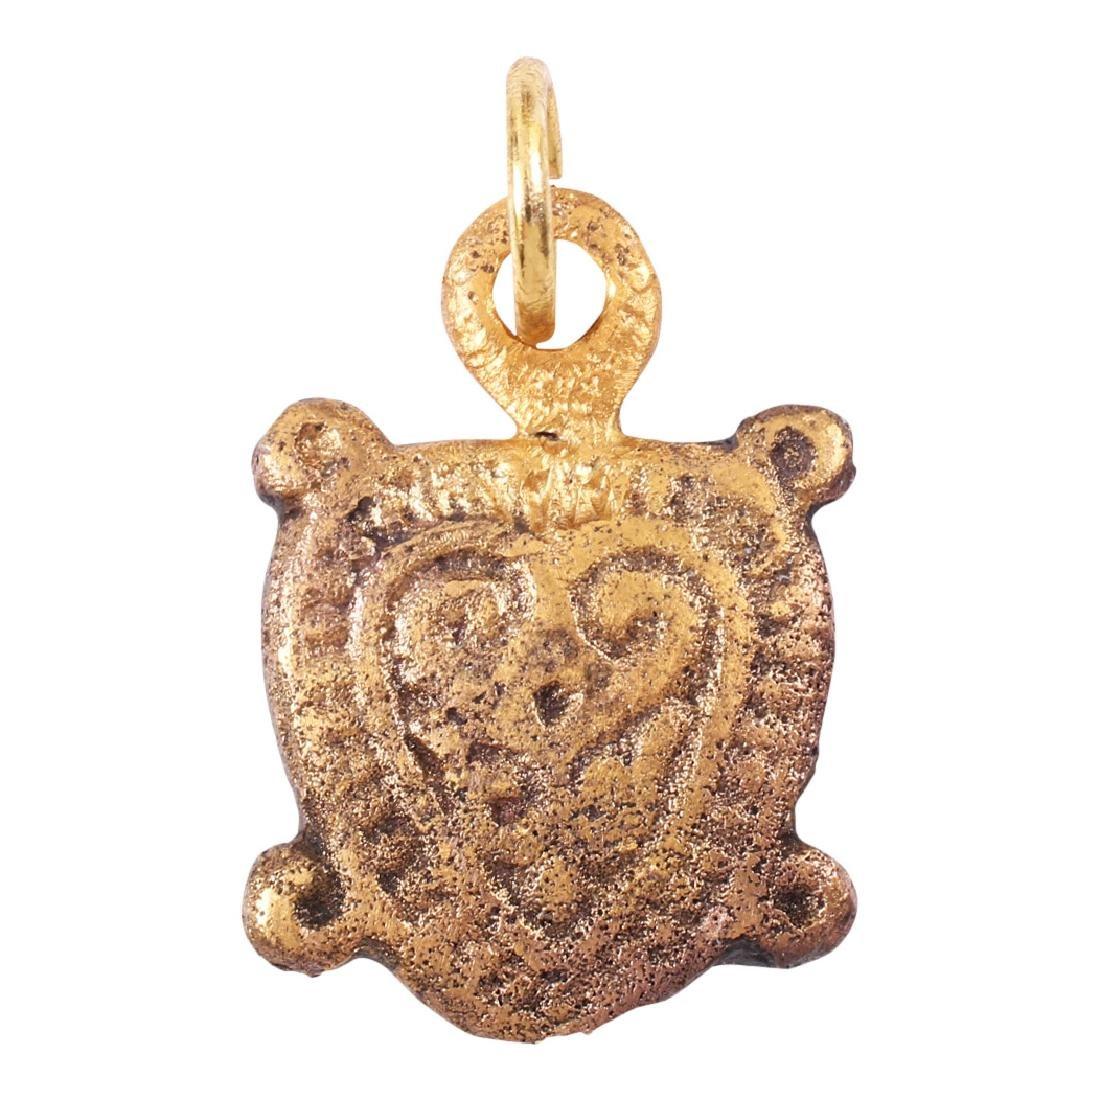 Viking Heart Pendant, 850-950